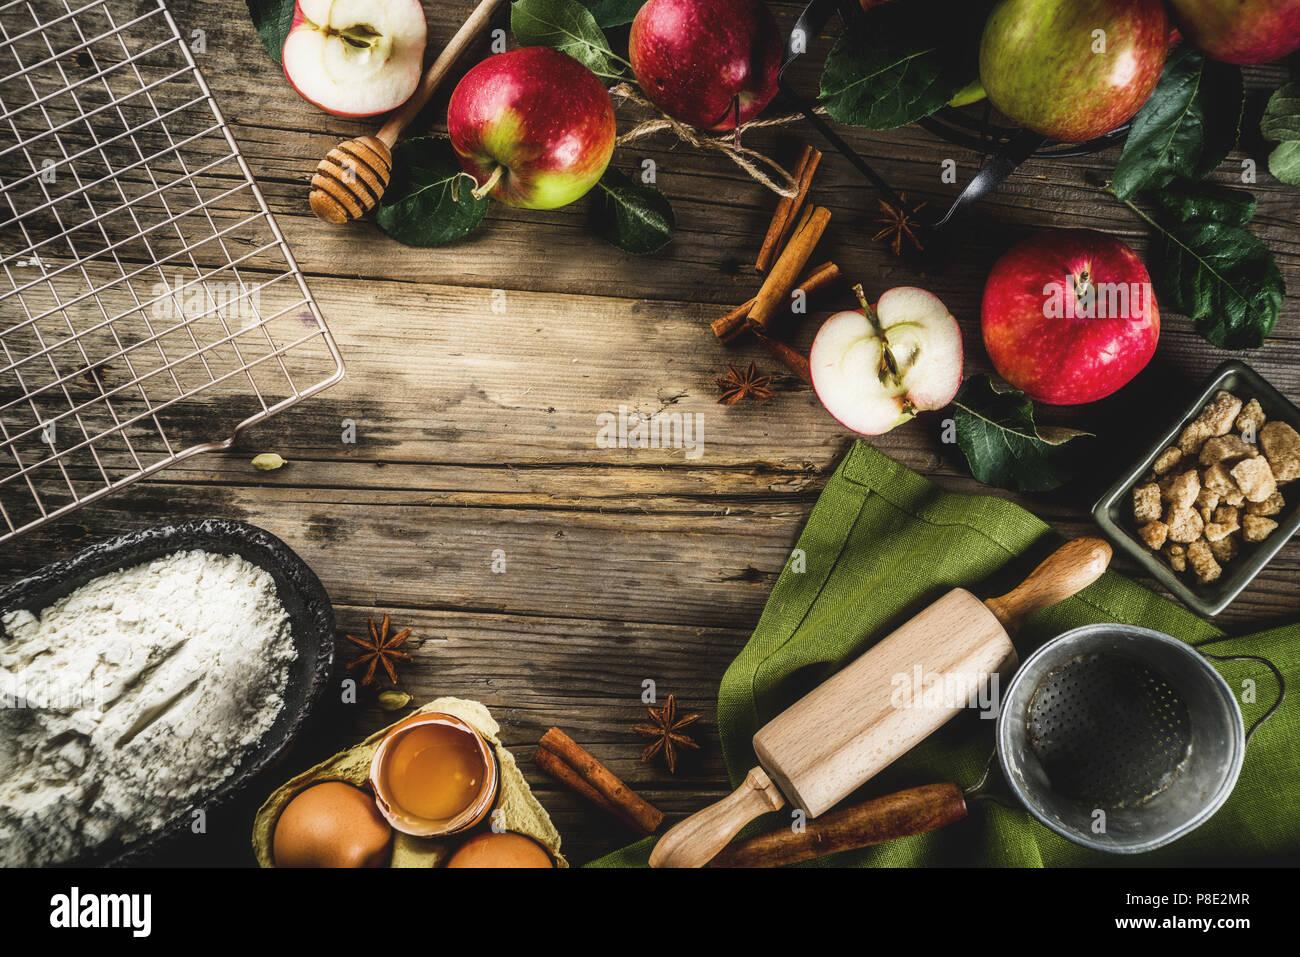 Autunno sfondo di cottura, torta di mele il concetto di cottura, fresche Mele rosse, spezie dolci, zucchero, farina, mattarello, uova, utensili da forno, backgrou in legno Immagini Stock